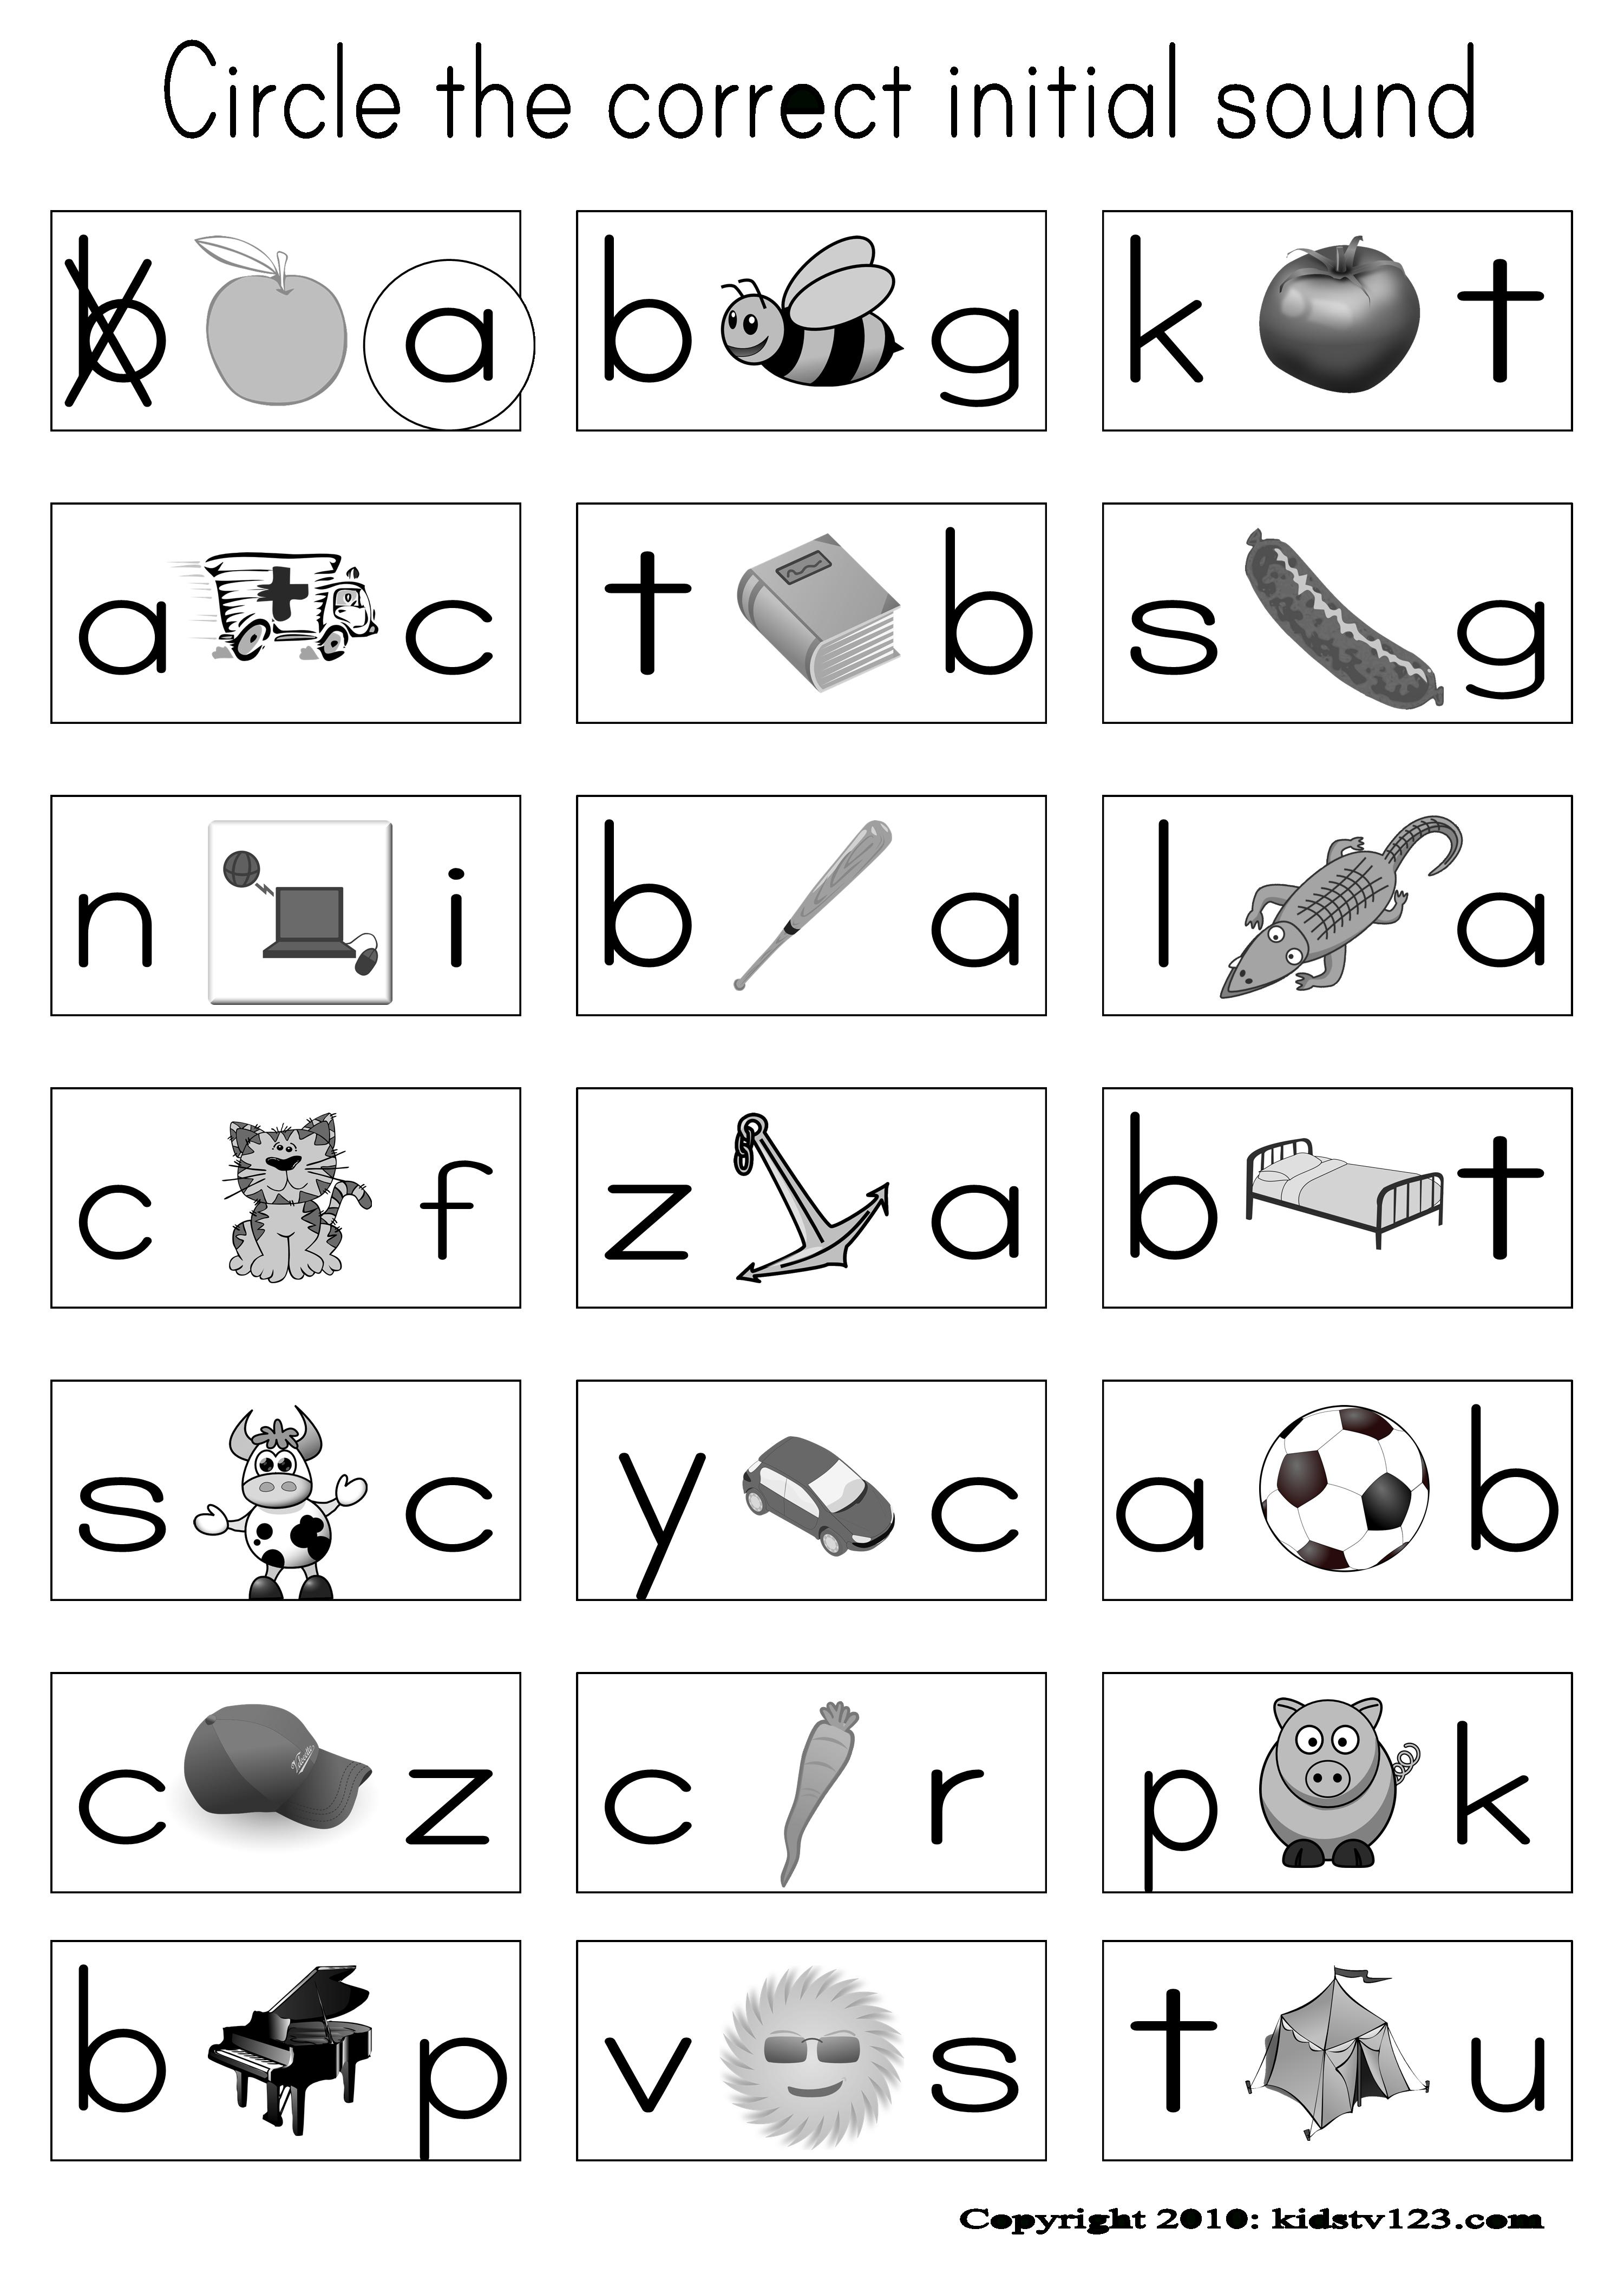 Alphabet & Phonics Worksheets | Phonics | Phonics Worksheets - Free Printable Phonics Assessments